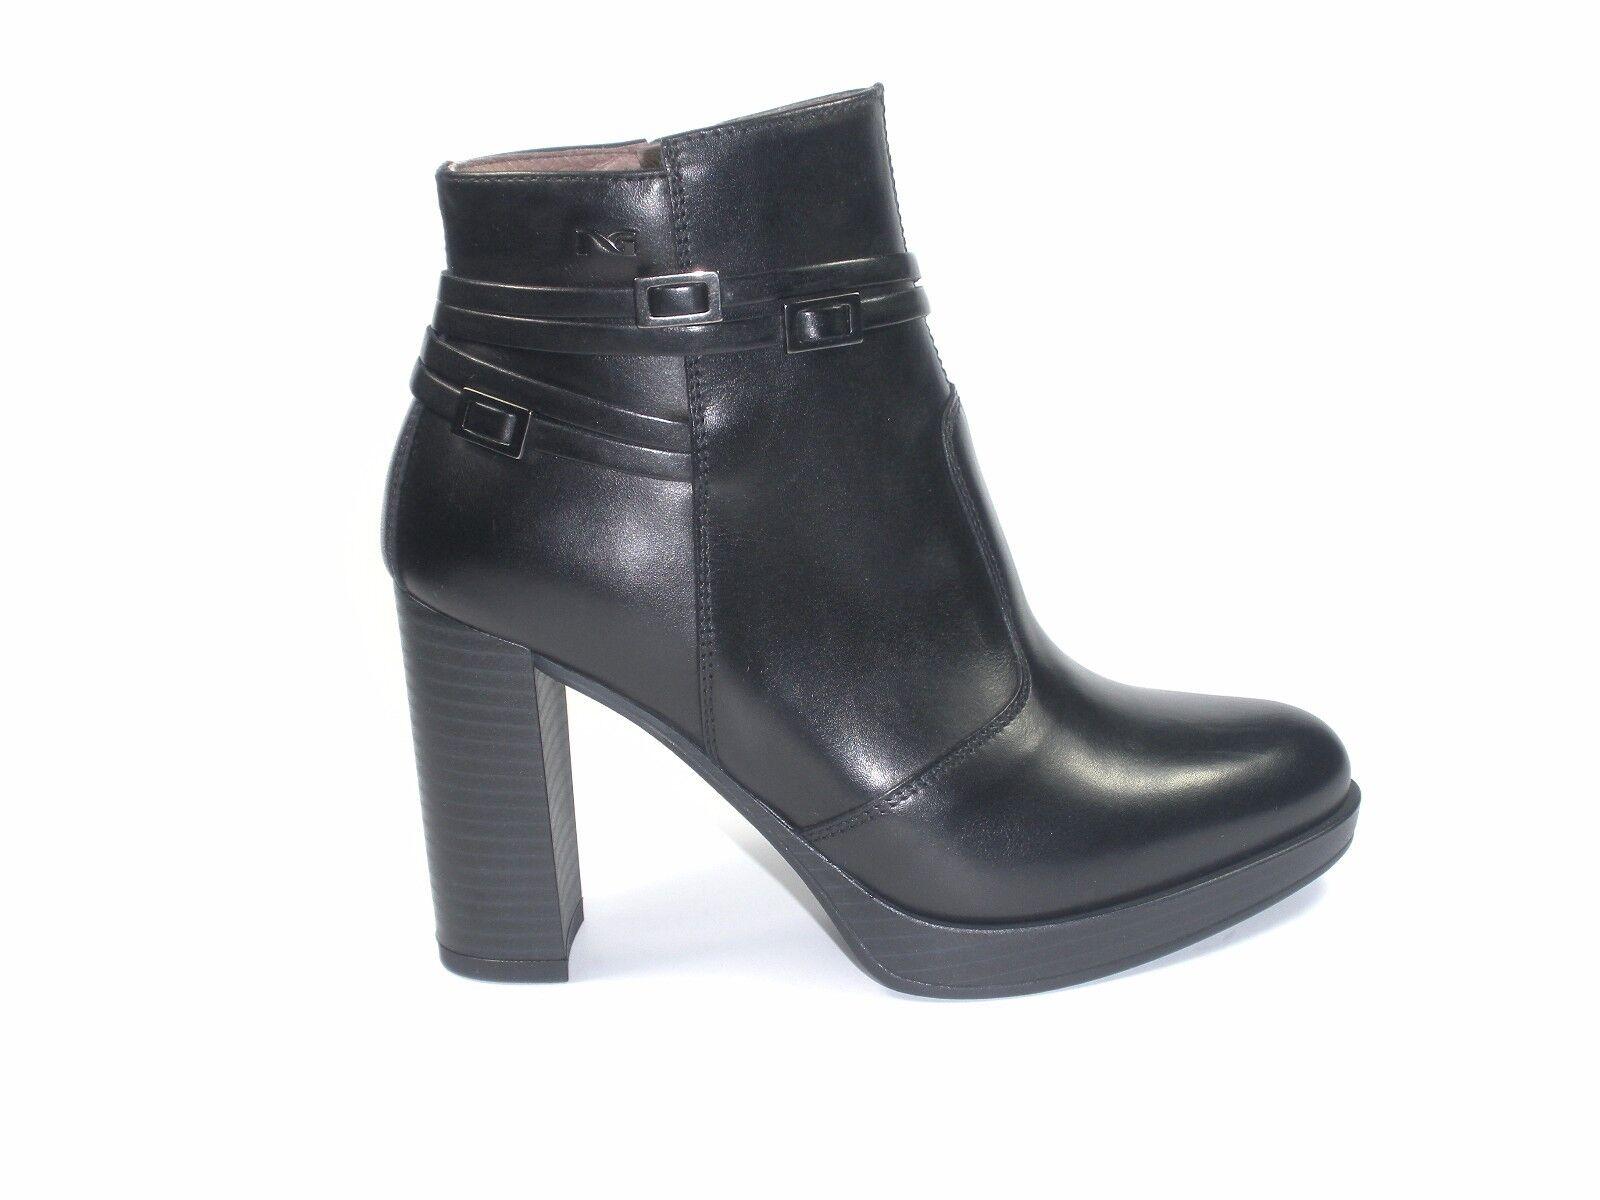 Zapatos NERO GIARDINI mujer  TRONCHETTI A719143D PELLE Zapatos NERO MADE IN ITALY Zapatos PELLE b11666